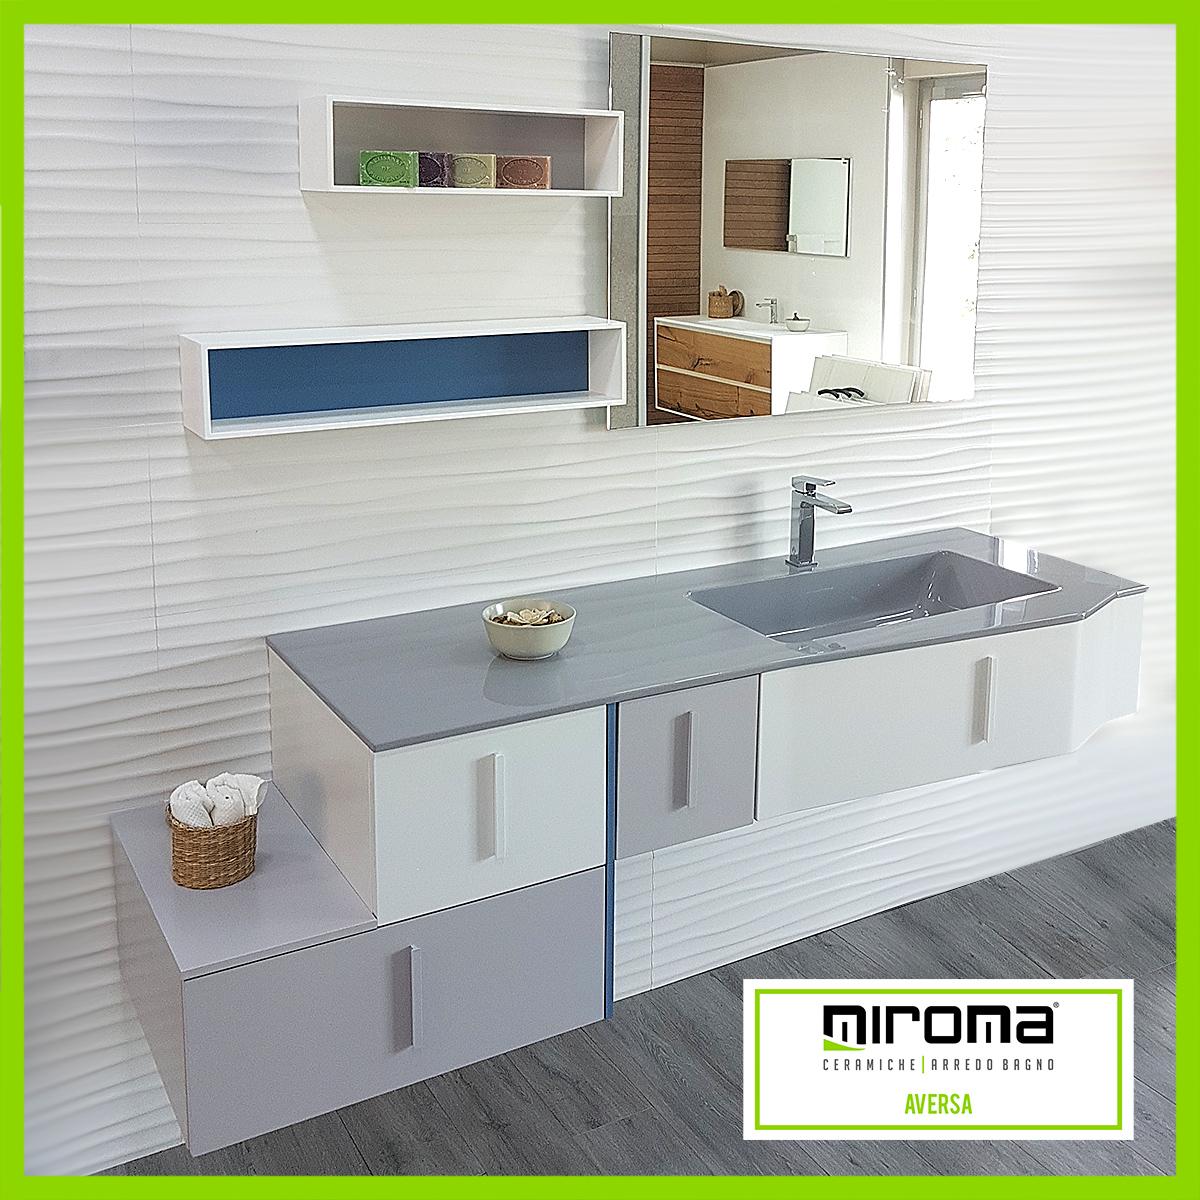 arredo bagno - composizione geromin str8 - miroma ceramiche - Geromin Arredo Bagno